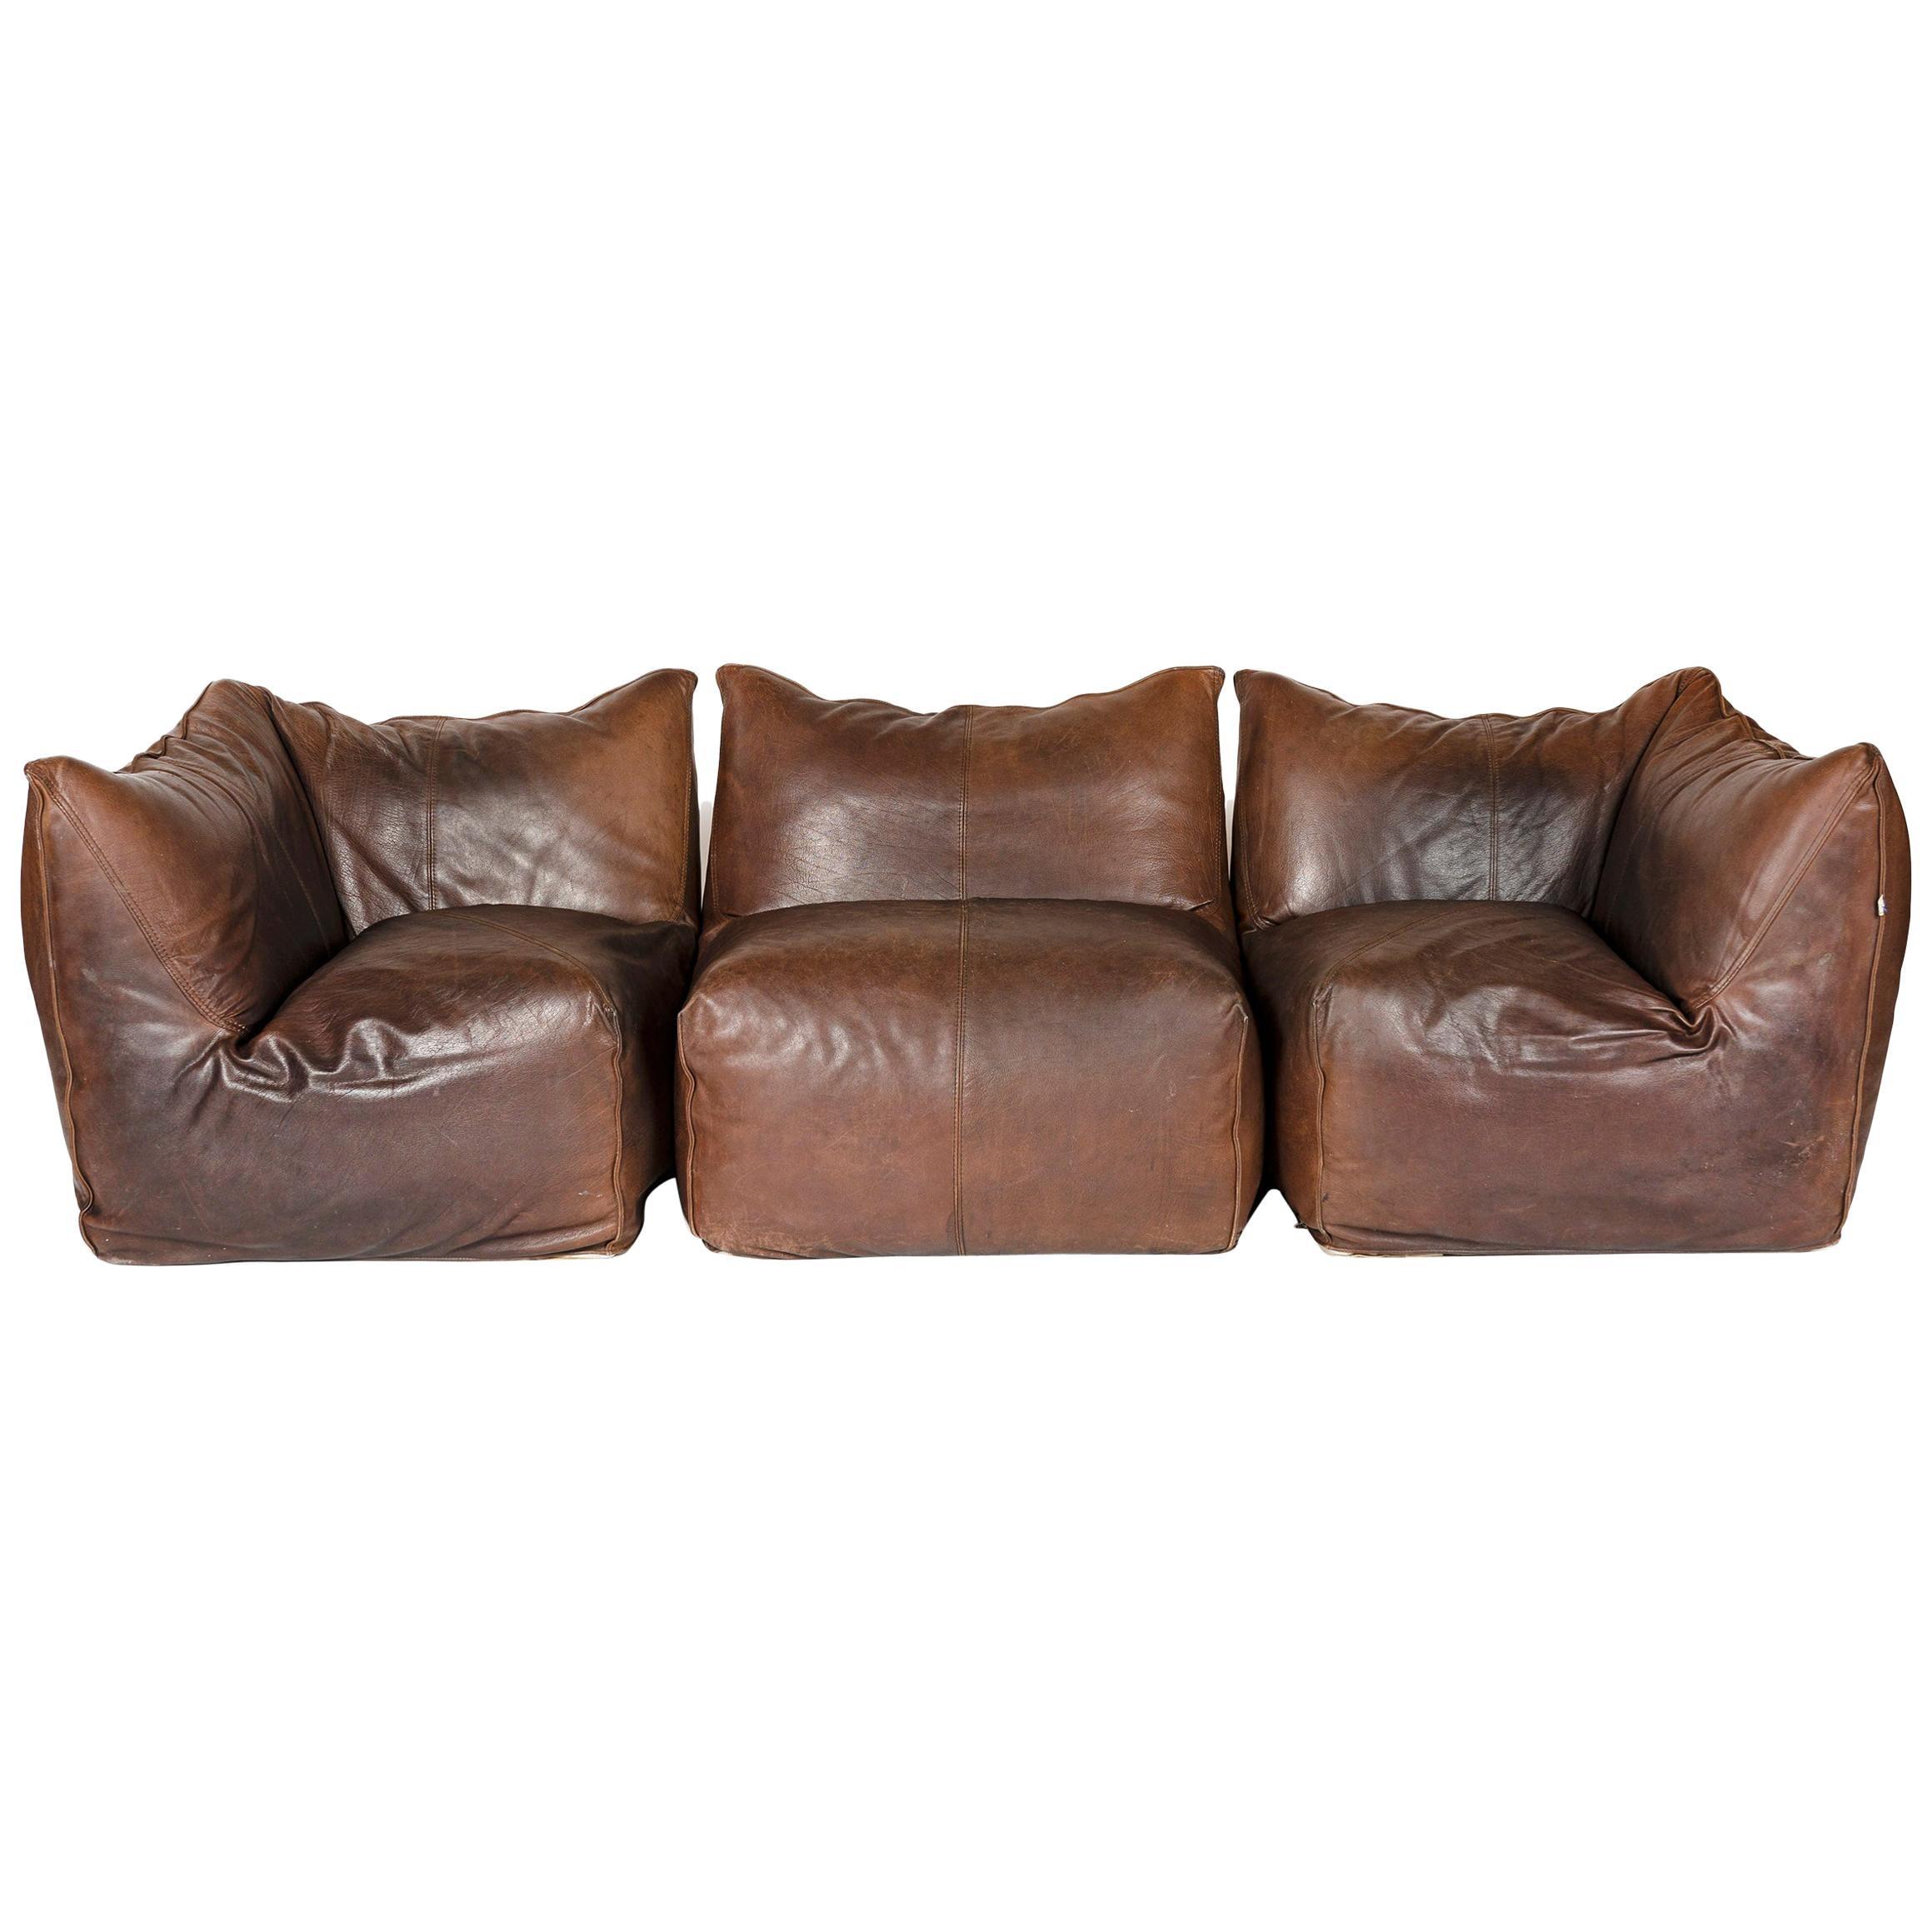 1970s Le Bambole Sectional Sofa by Mario Bellini for B&B Italia